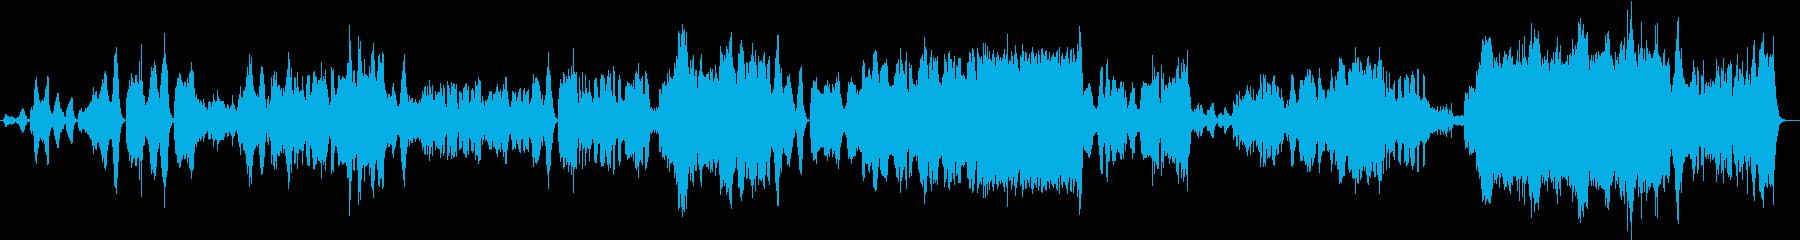 重厚かつ荘厳な管弦曲の再生済みの波形